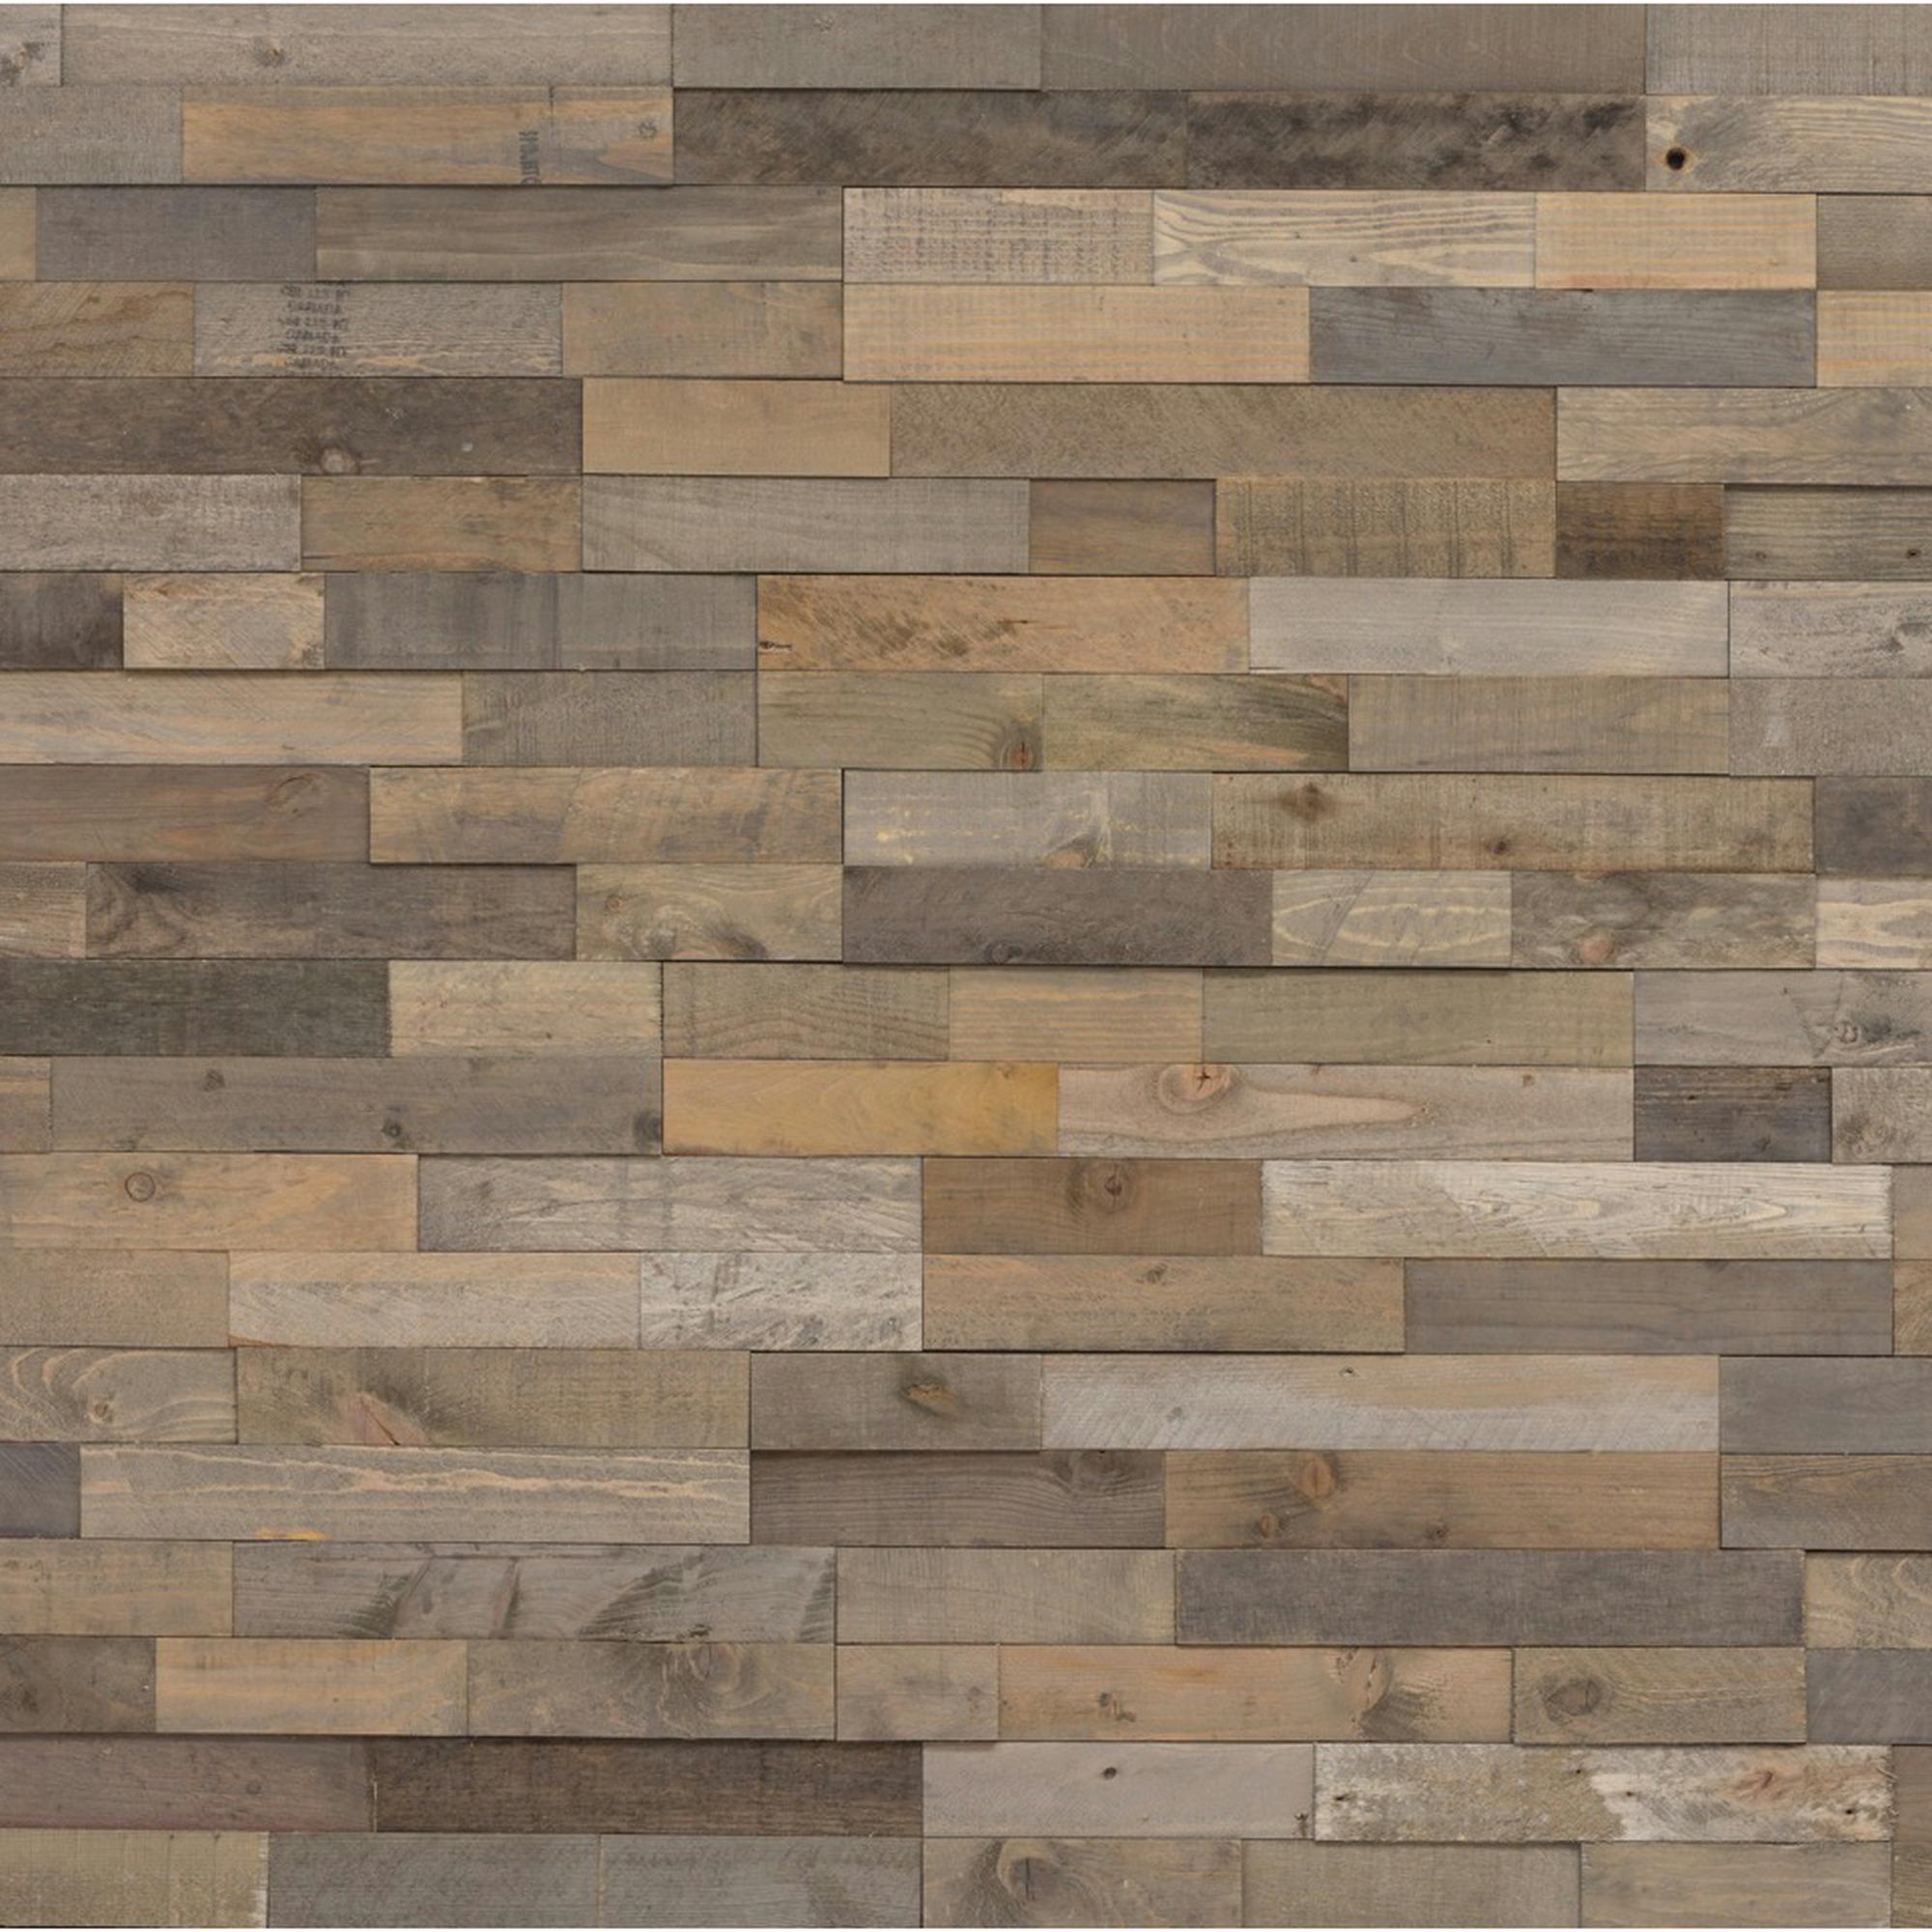 Plakhout grijs waas mix plakhout wand plafondbekleding hout karwei - Wandbekleding voor wc ...